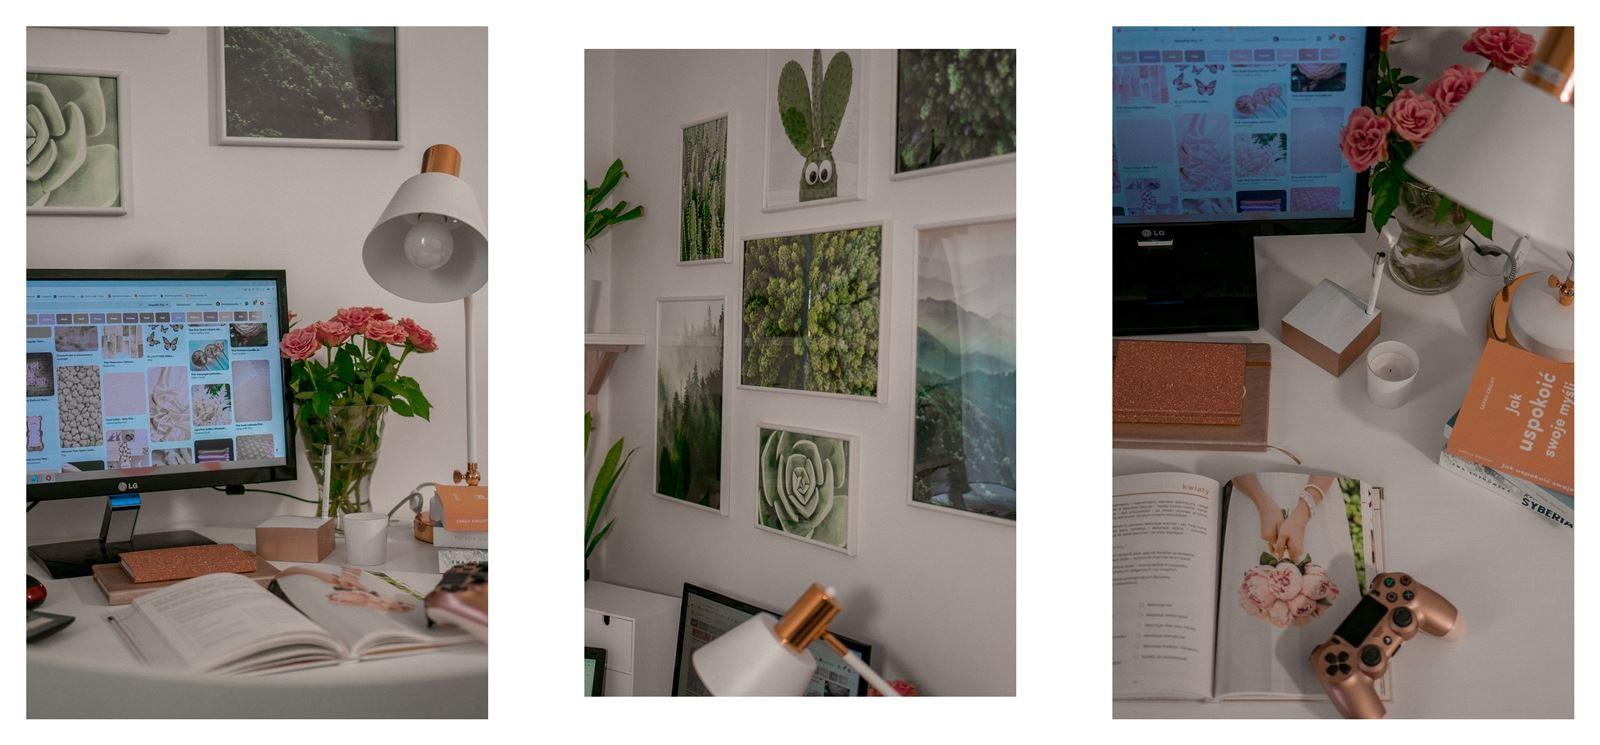 15a jak urządzić biuro w domu - dekoracje do biura, zielona ściana w mieszkaniu, jak zaprojektować galerię plakatów, plakaty krajobrazy rośliny na ścianę jak zawiesić obraz na ścianie biuro w mieszkaniu